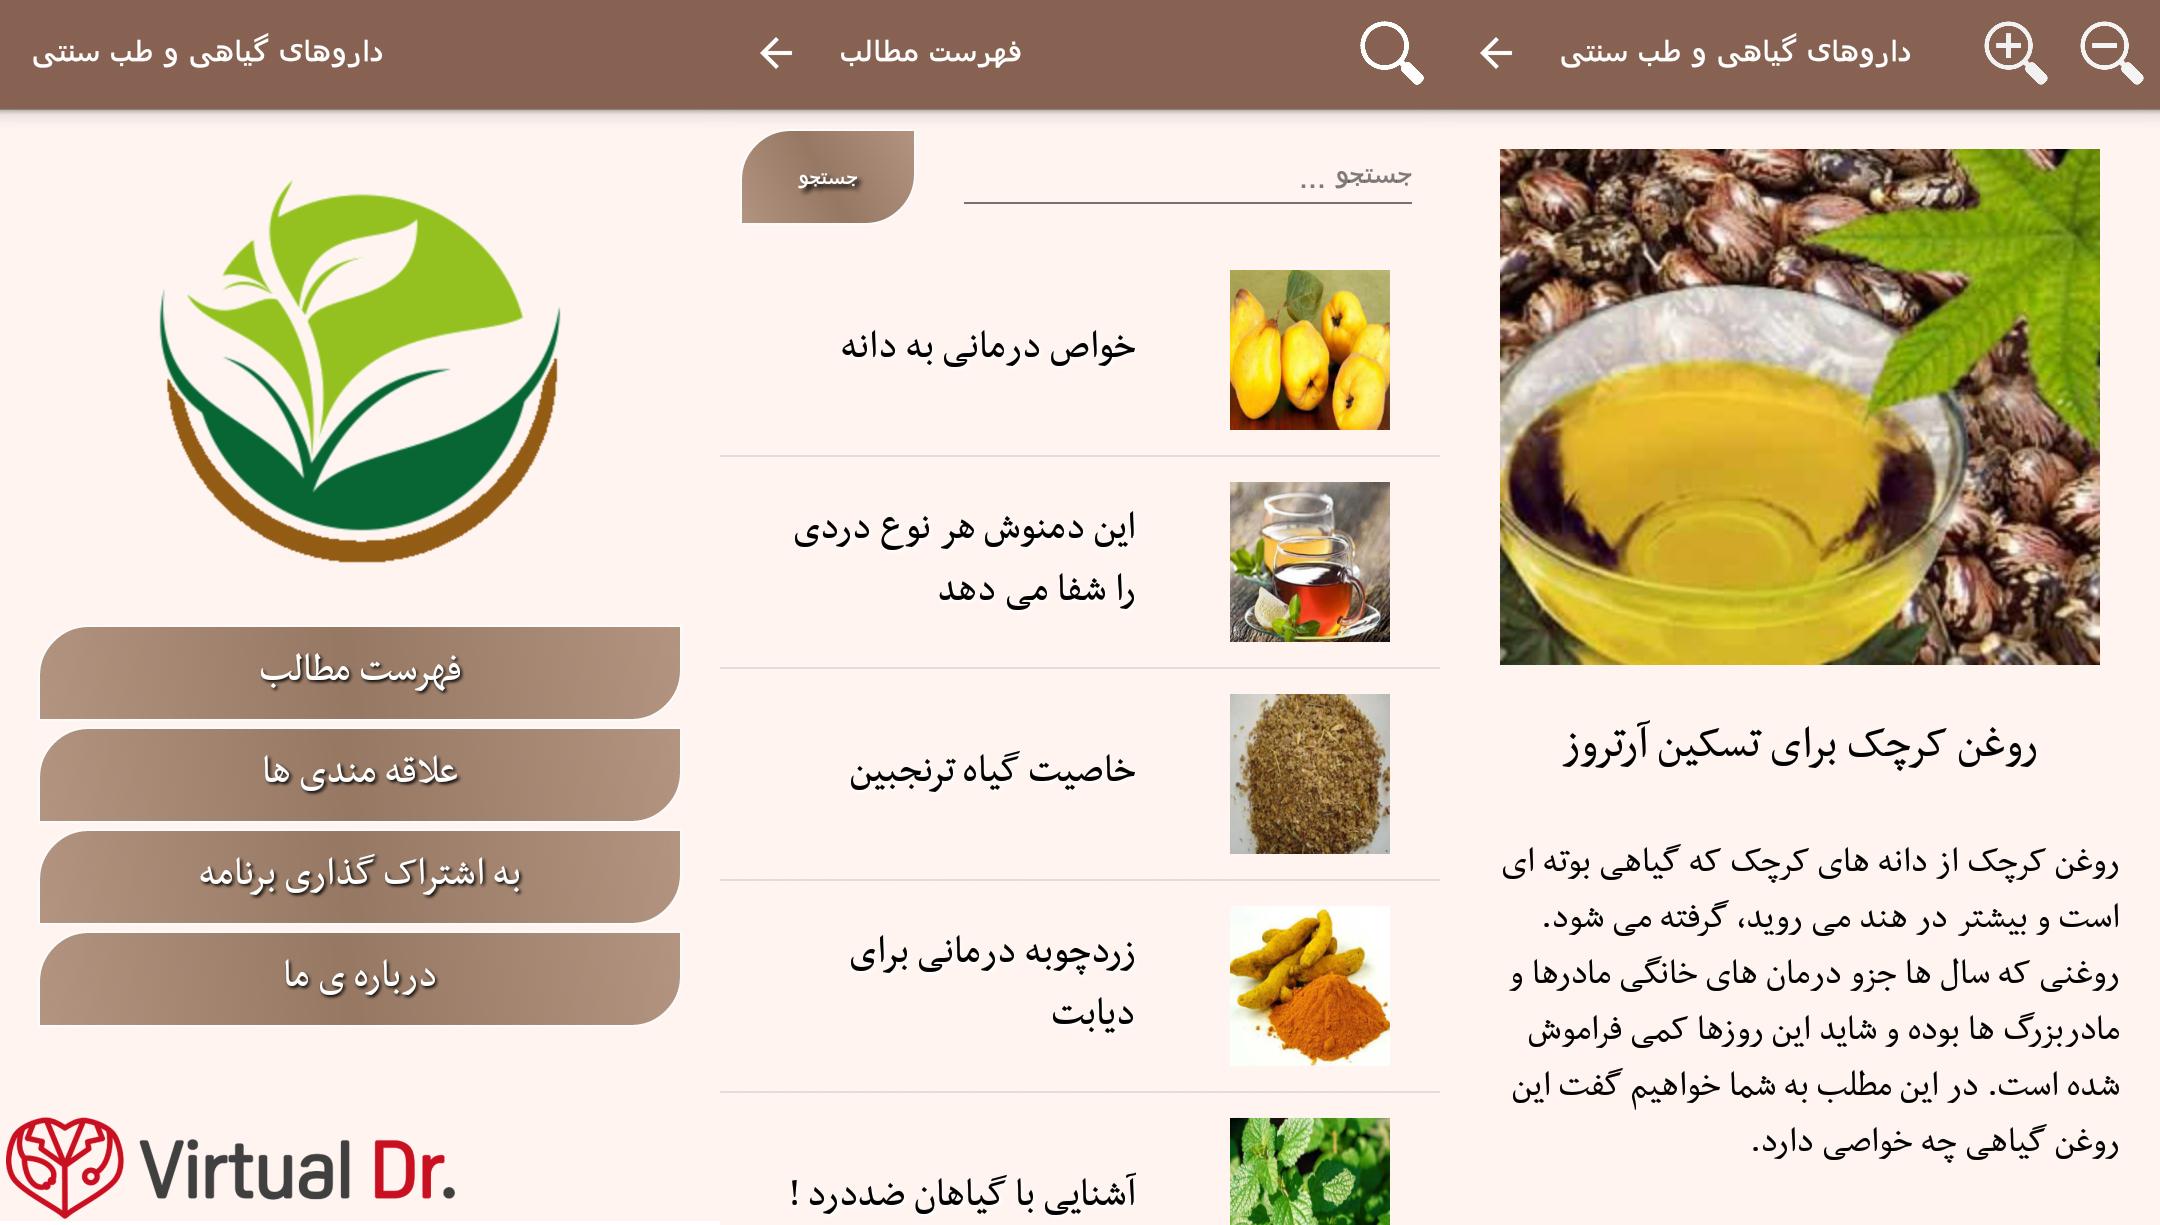 herbal_drugs_app-virtualdr